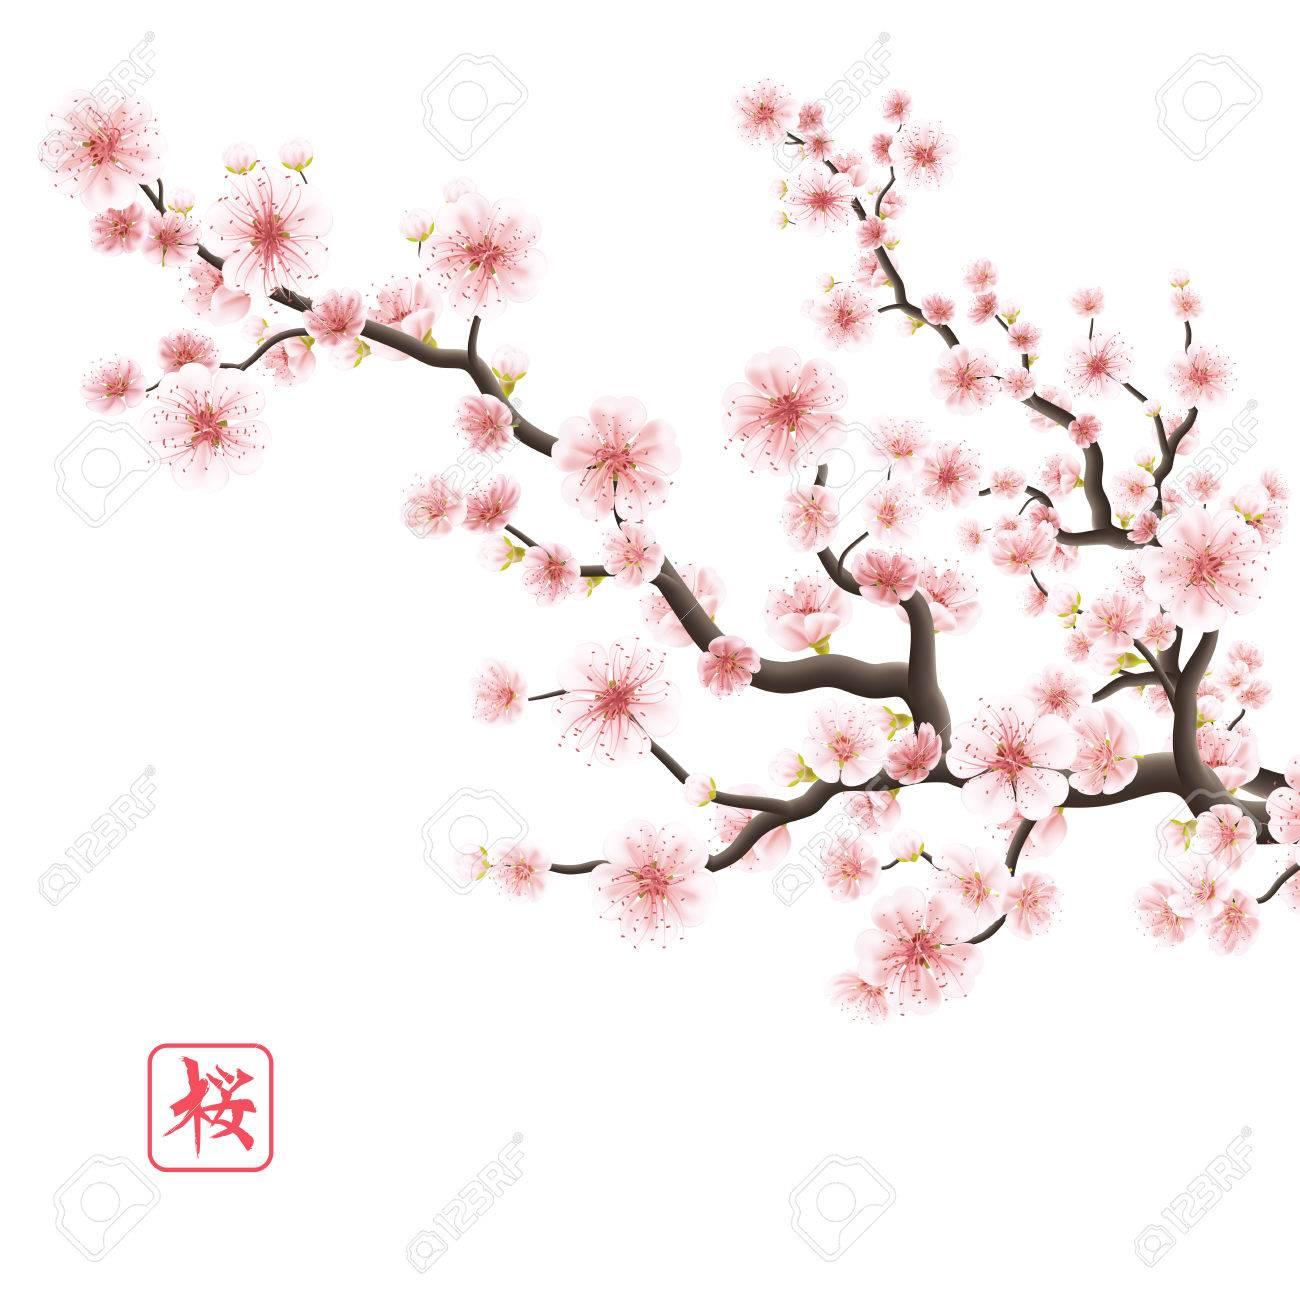 Realiste Sakura Japon Branche De Cerisier Avec Des Fleurs En Fleurs Clip Art Libres De Droits Vecteurs Et Illustration Image 56755266